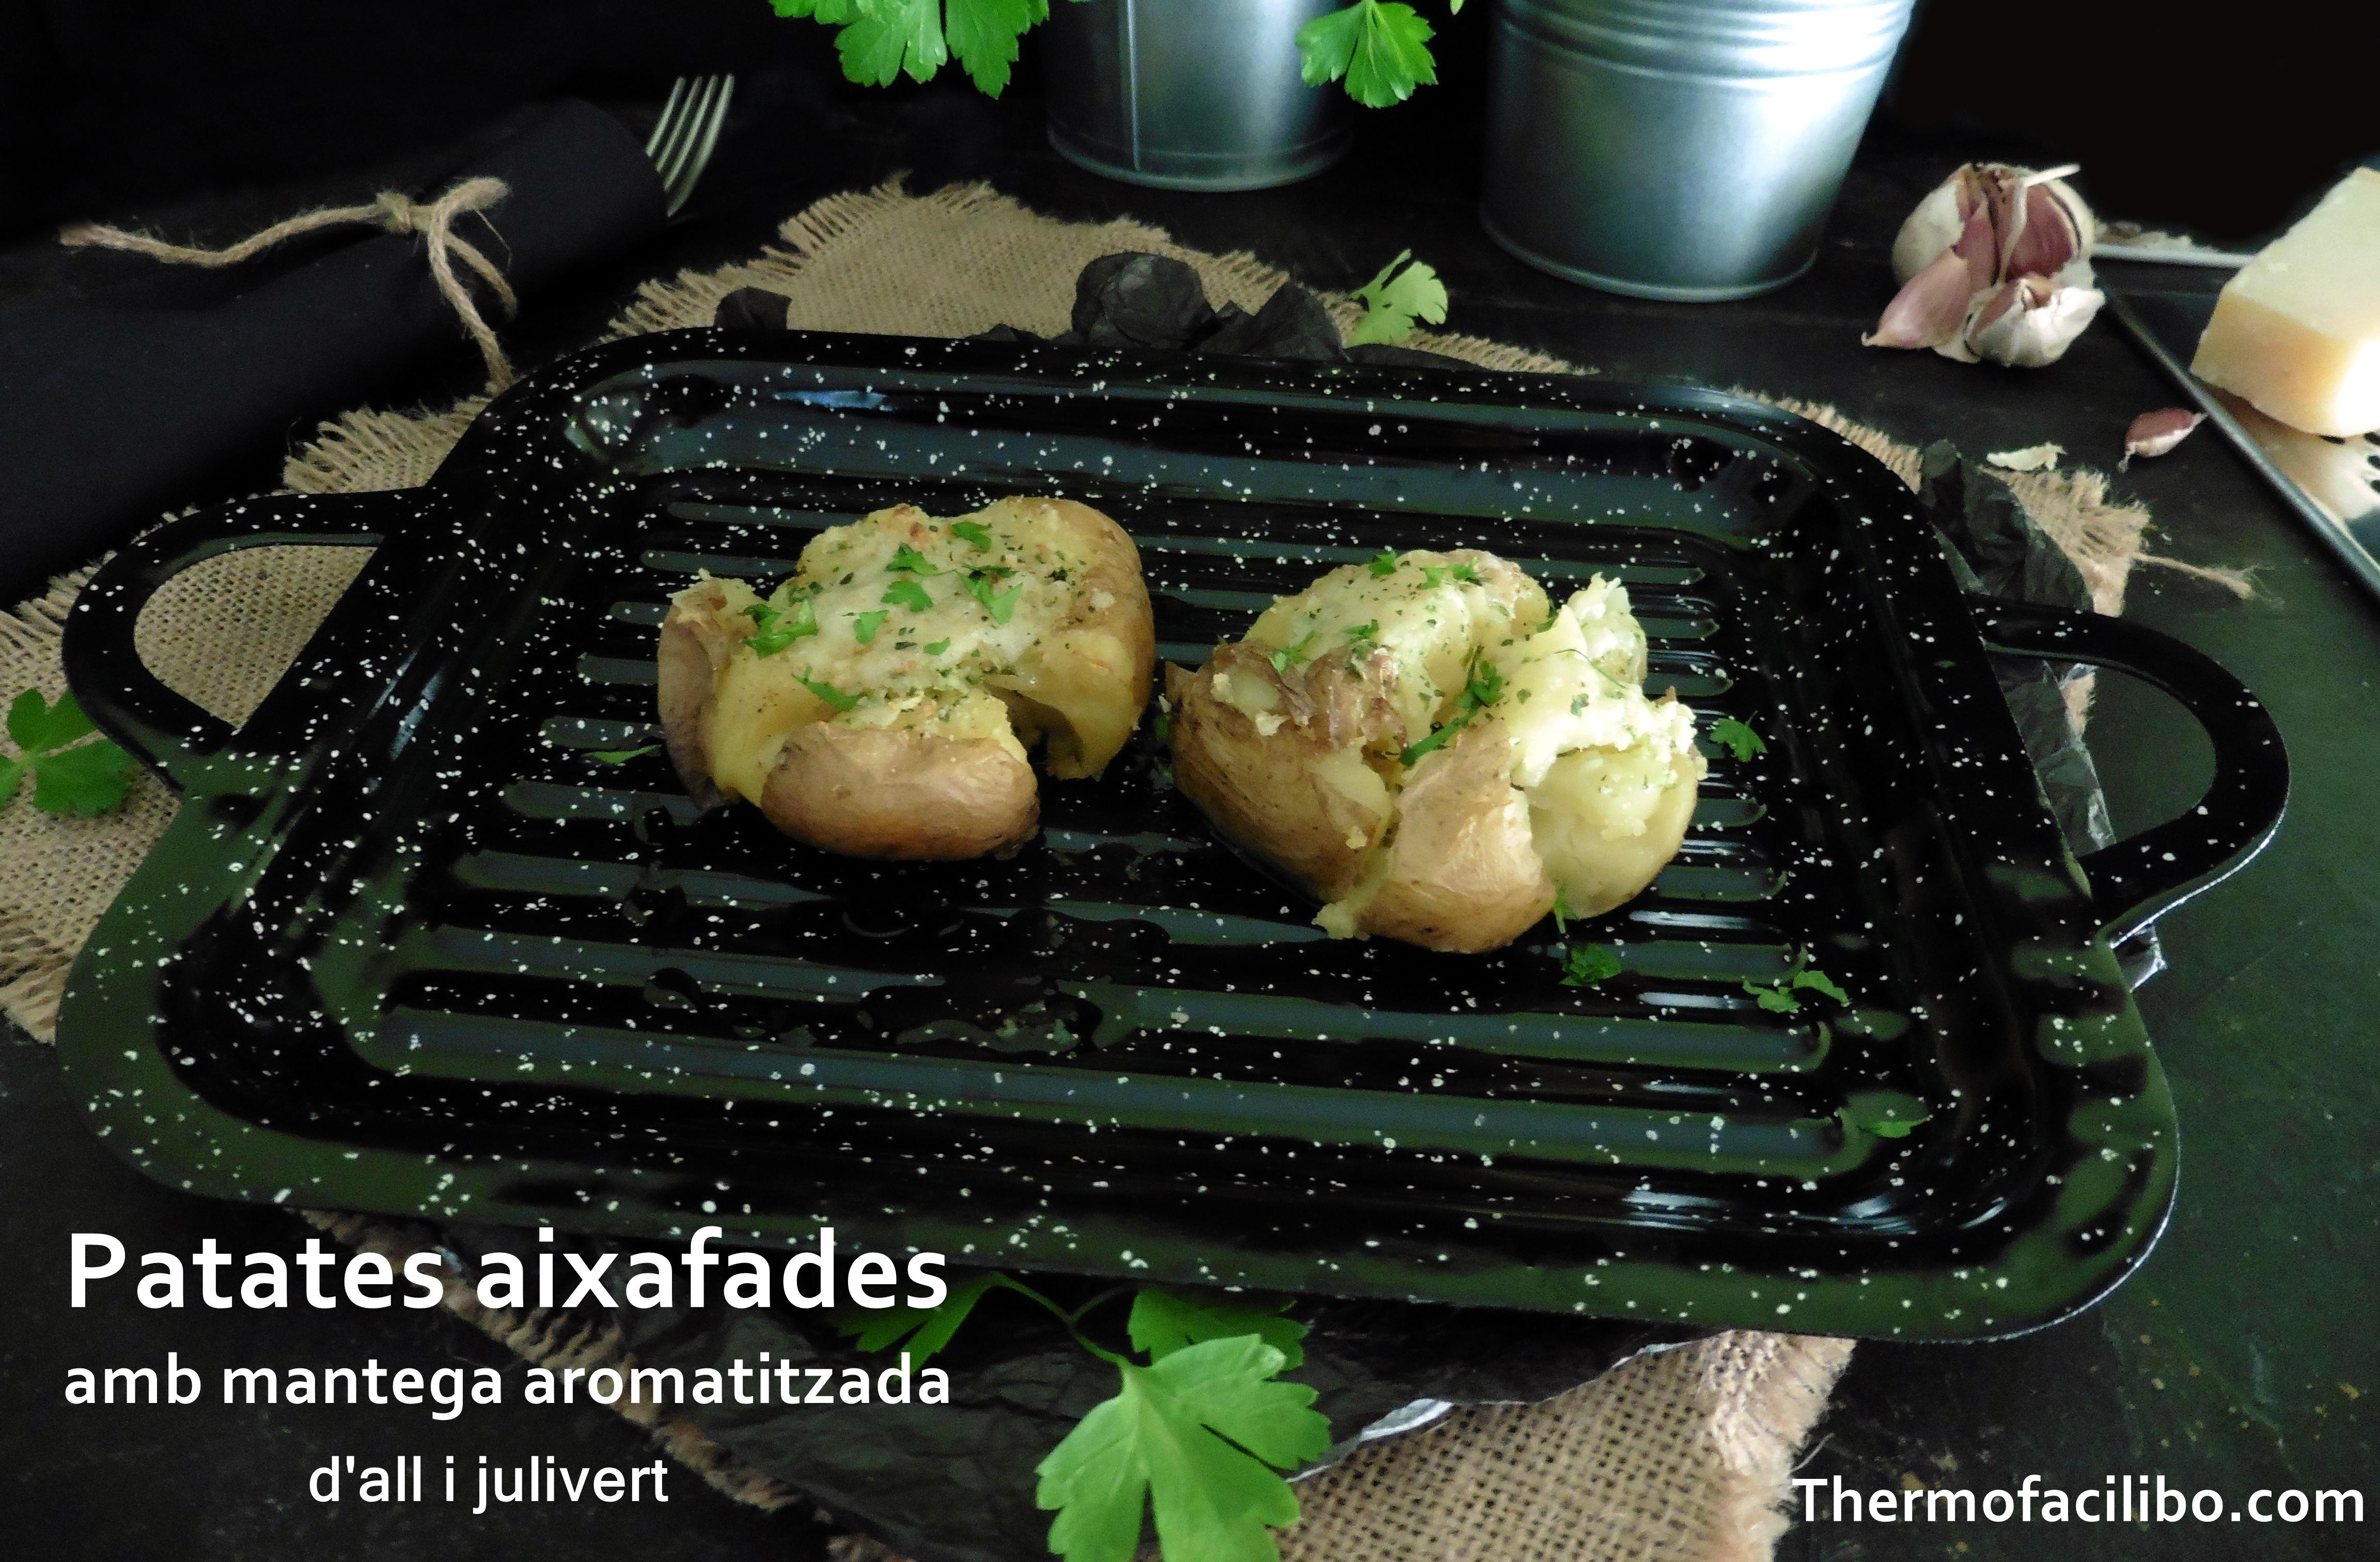 Patates aixafades amb mantega aromatitzada amb all i julivert..